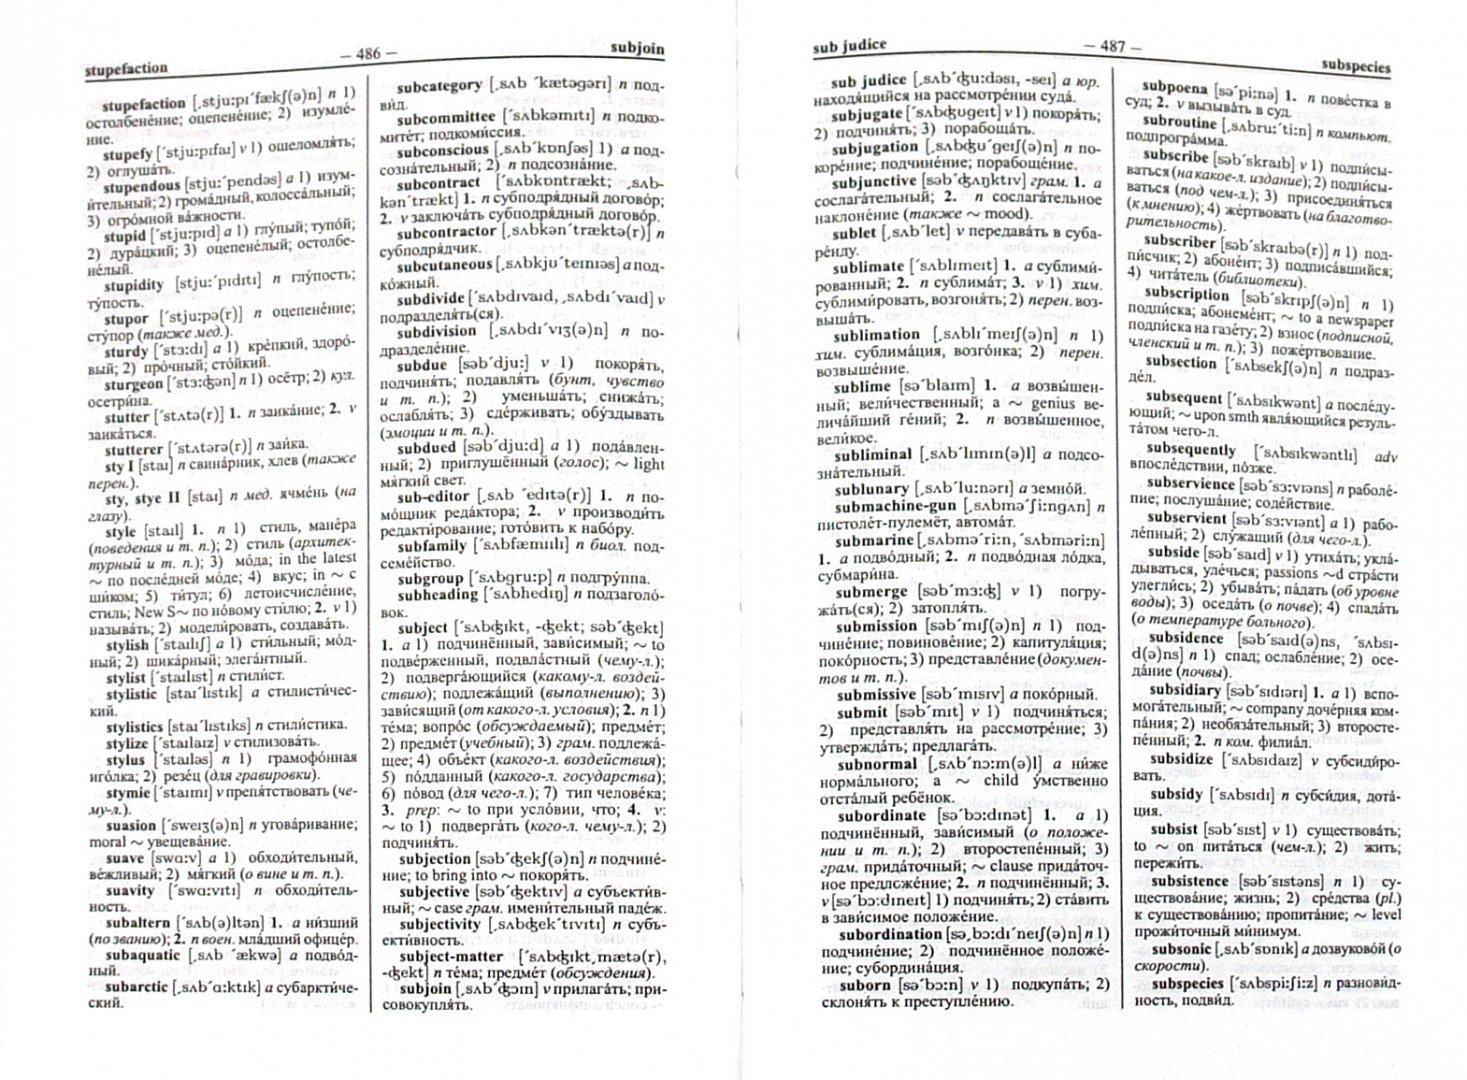 Иллюстрация 1 из 23 для Новый англо-русский и русско-английский словарь. 100 000 слов и словосочетаний | Лабиринт - книги. Источник: Лабиринт